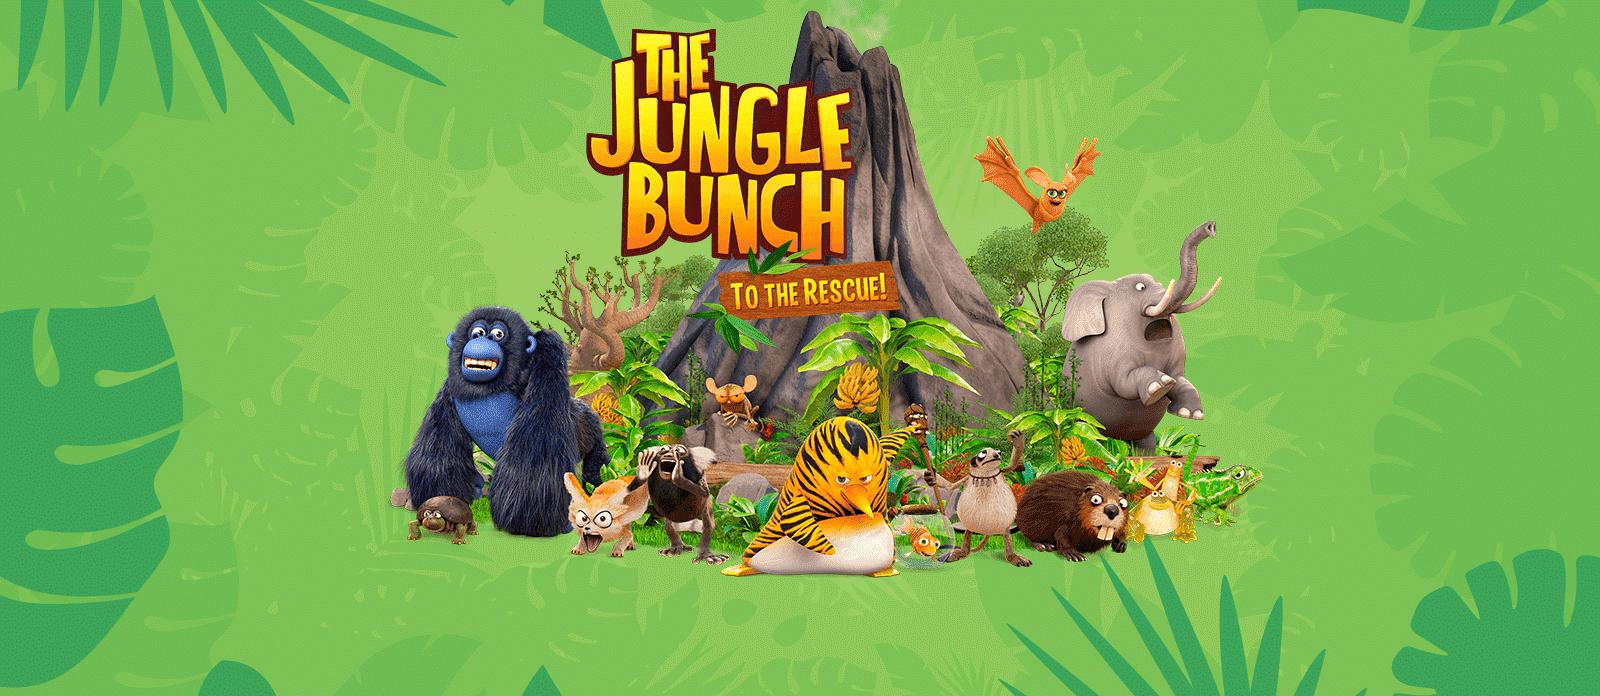 Отряд джунглей спешит на помощь